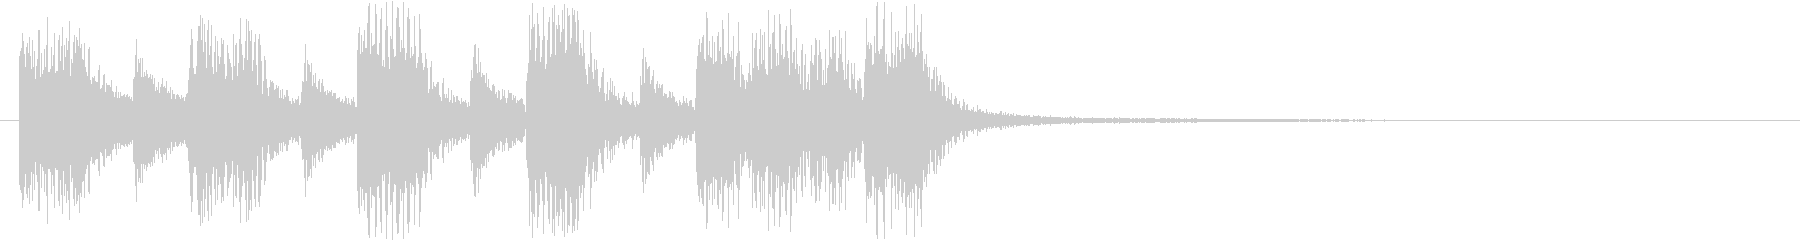 トランペット・クール・キメキメの未再生の波形